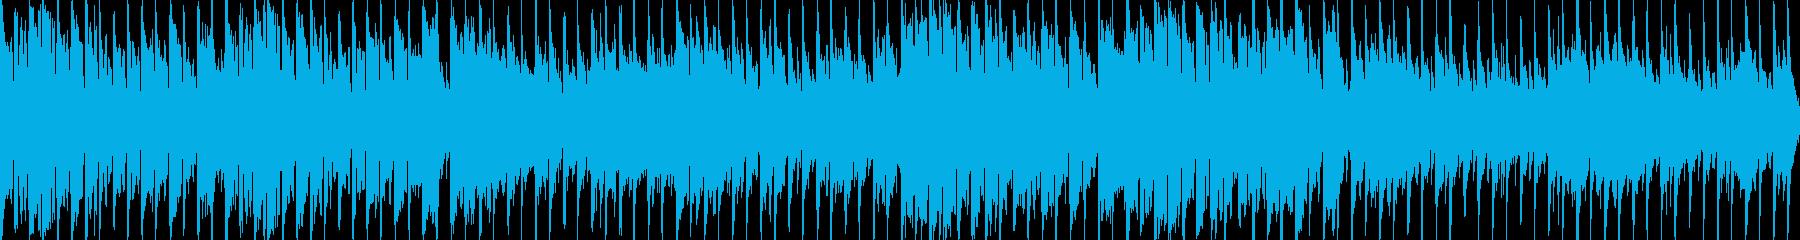 異国感のある民族風ループBGMの再生済みの波形